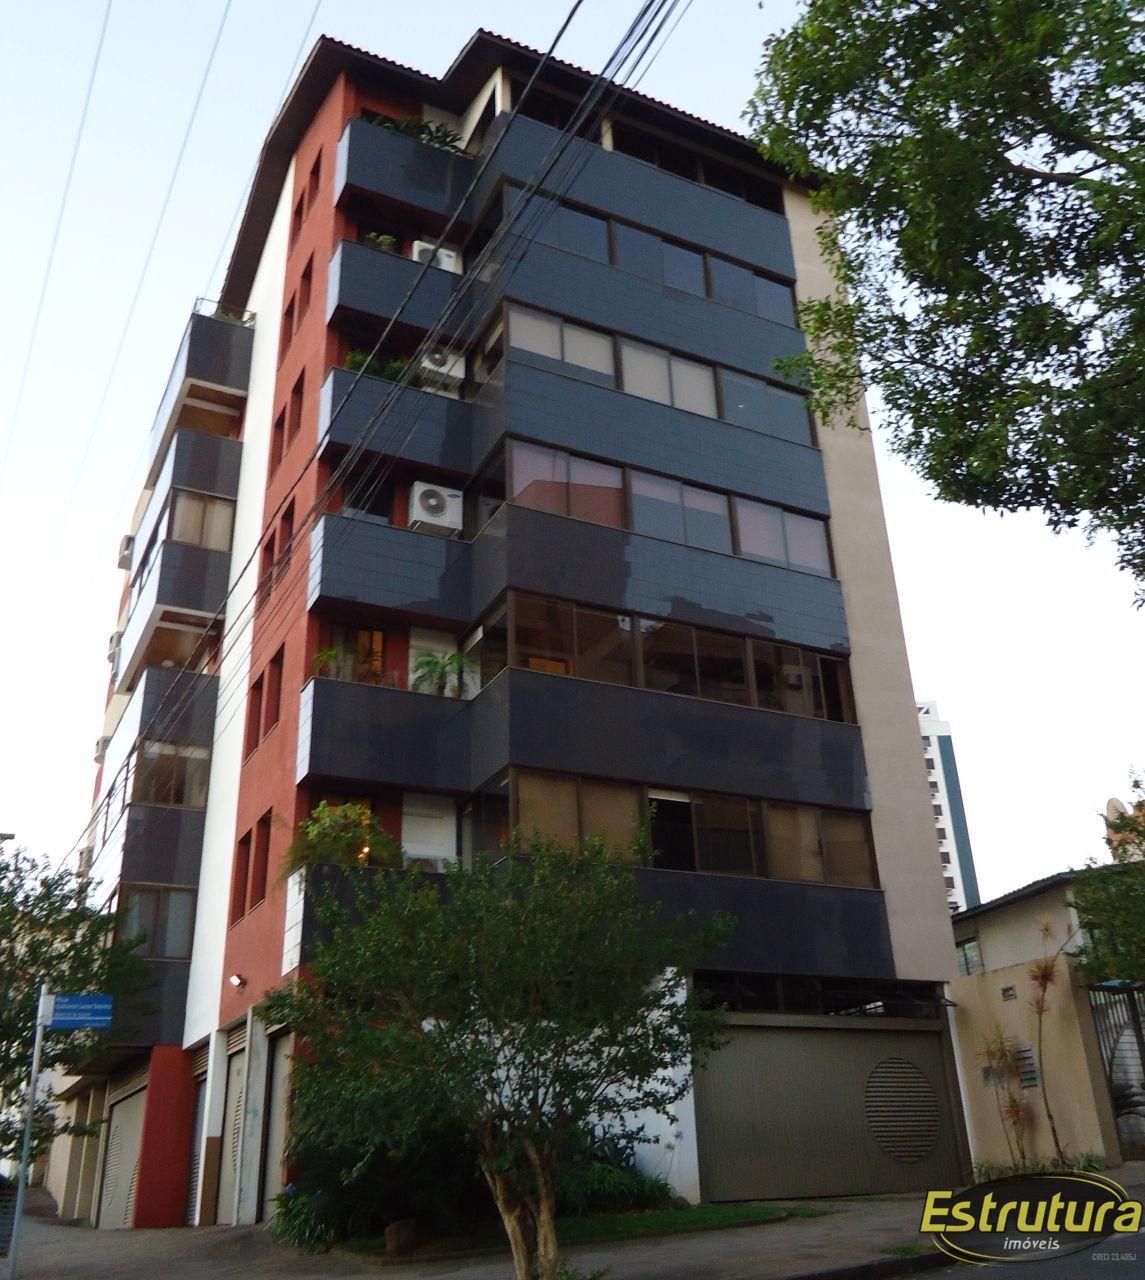 Apartamento com 3 Dormitórios à venda, 199 m² por R$ 1.080.000,00